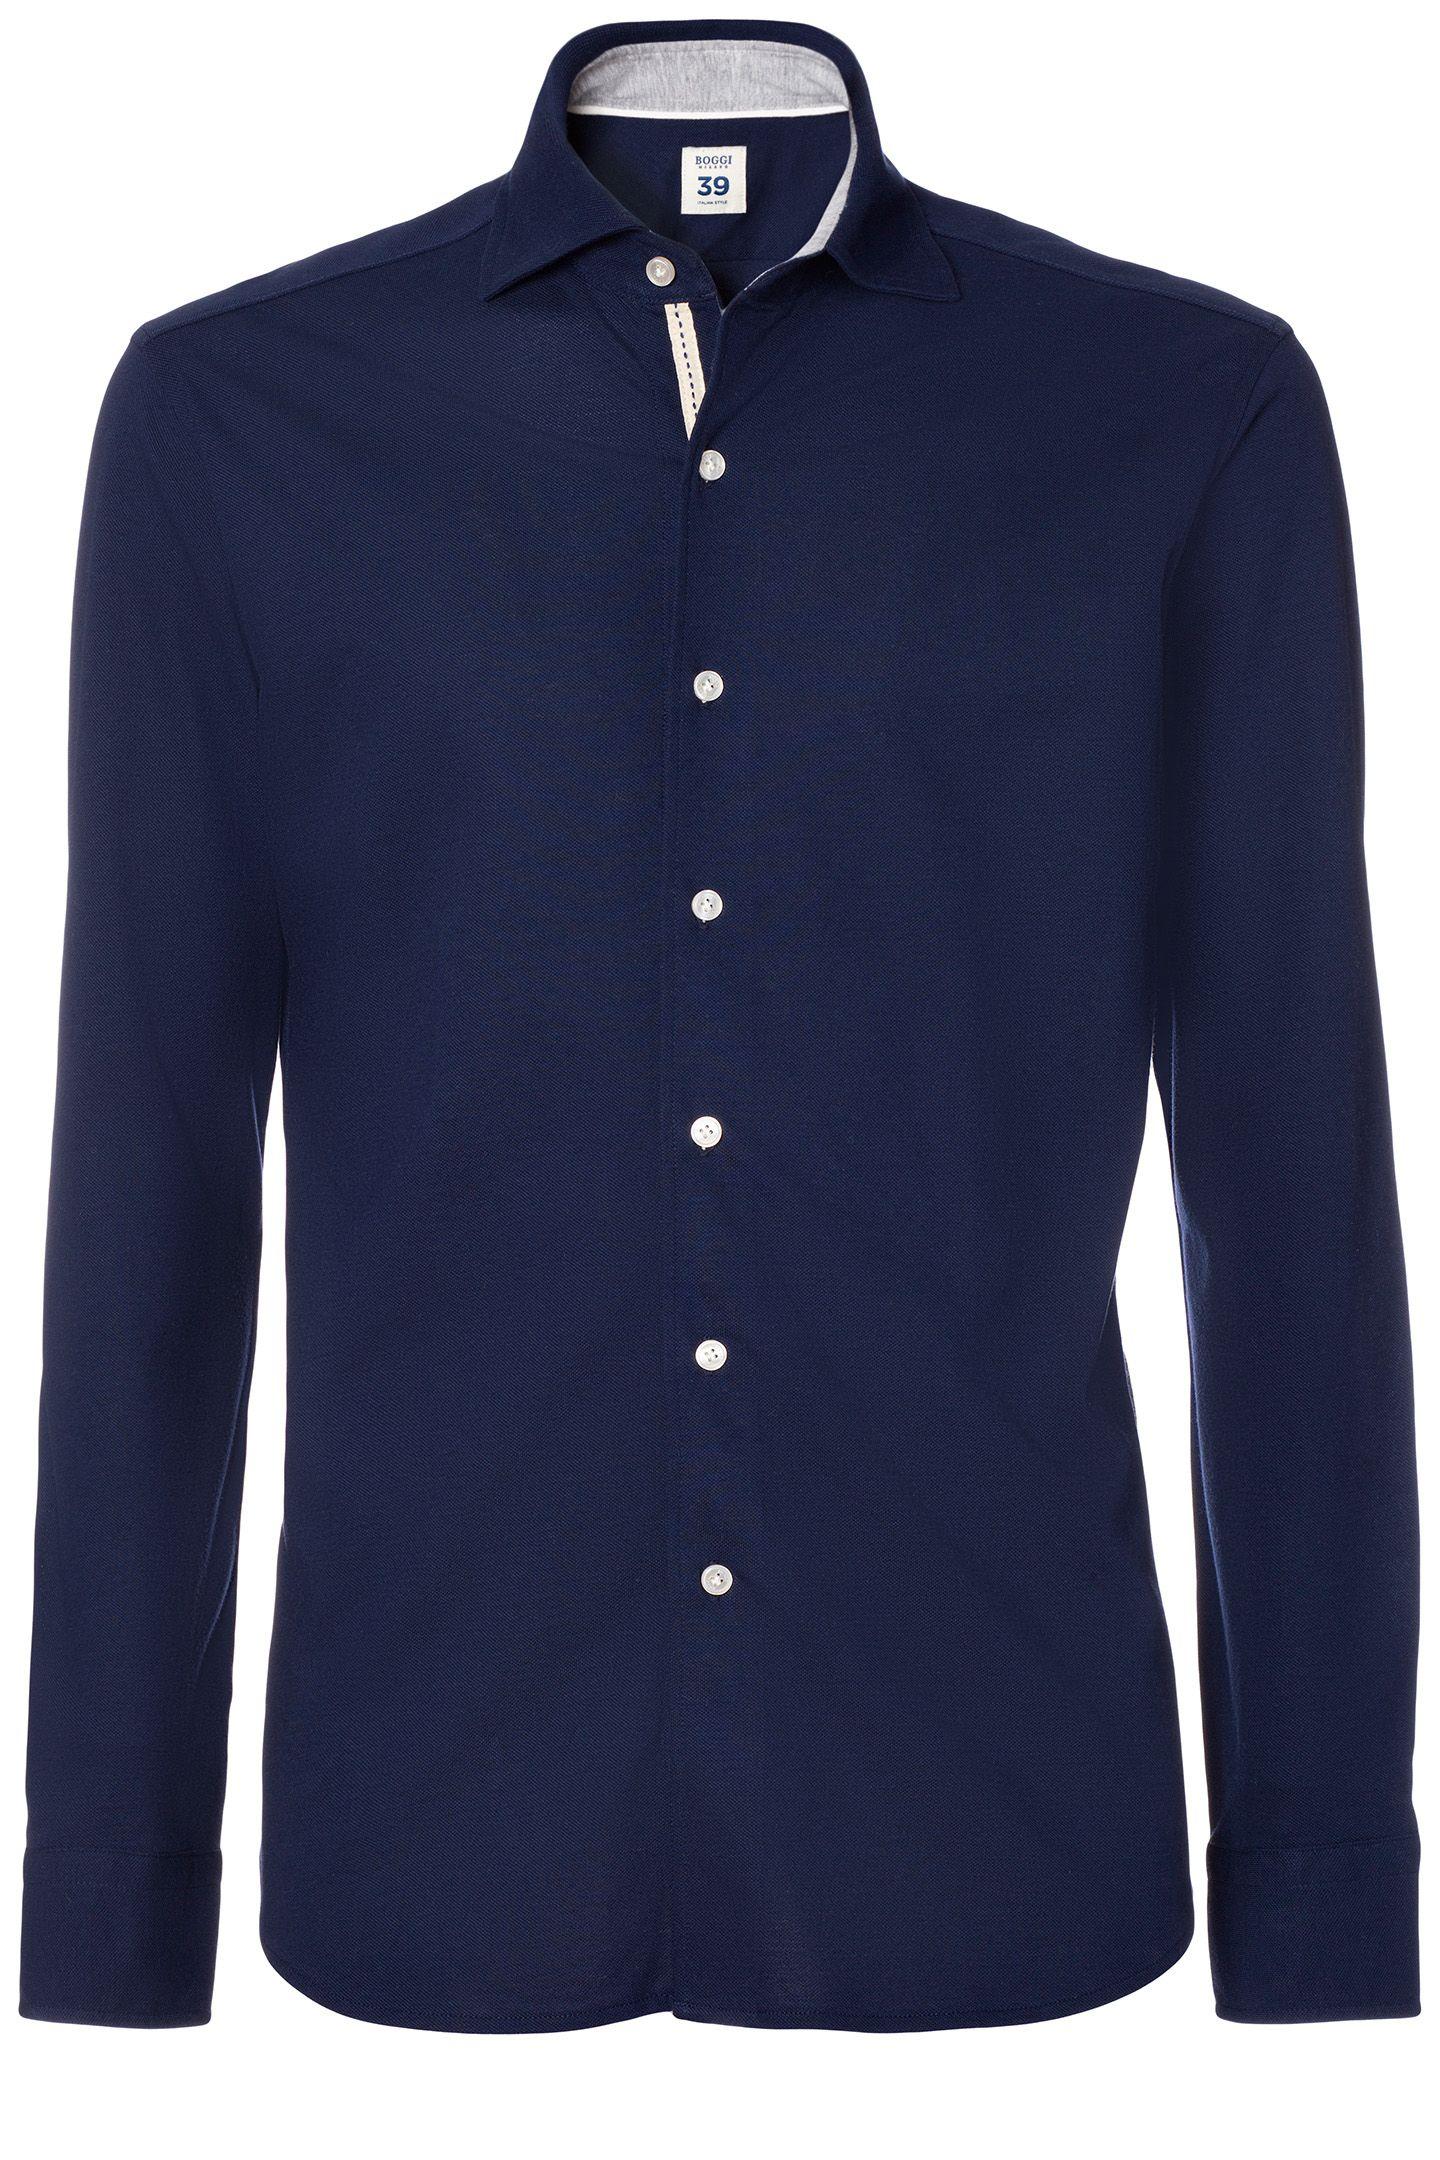 Piqu Air Cool Cotton Polo Shirt Custom Fit Boggi